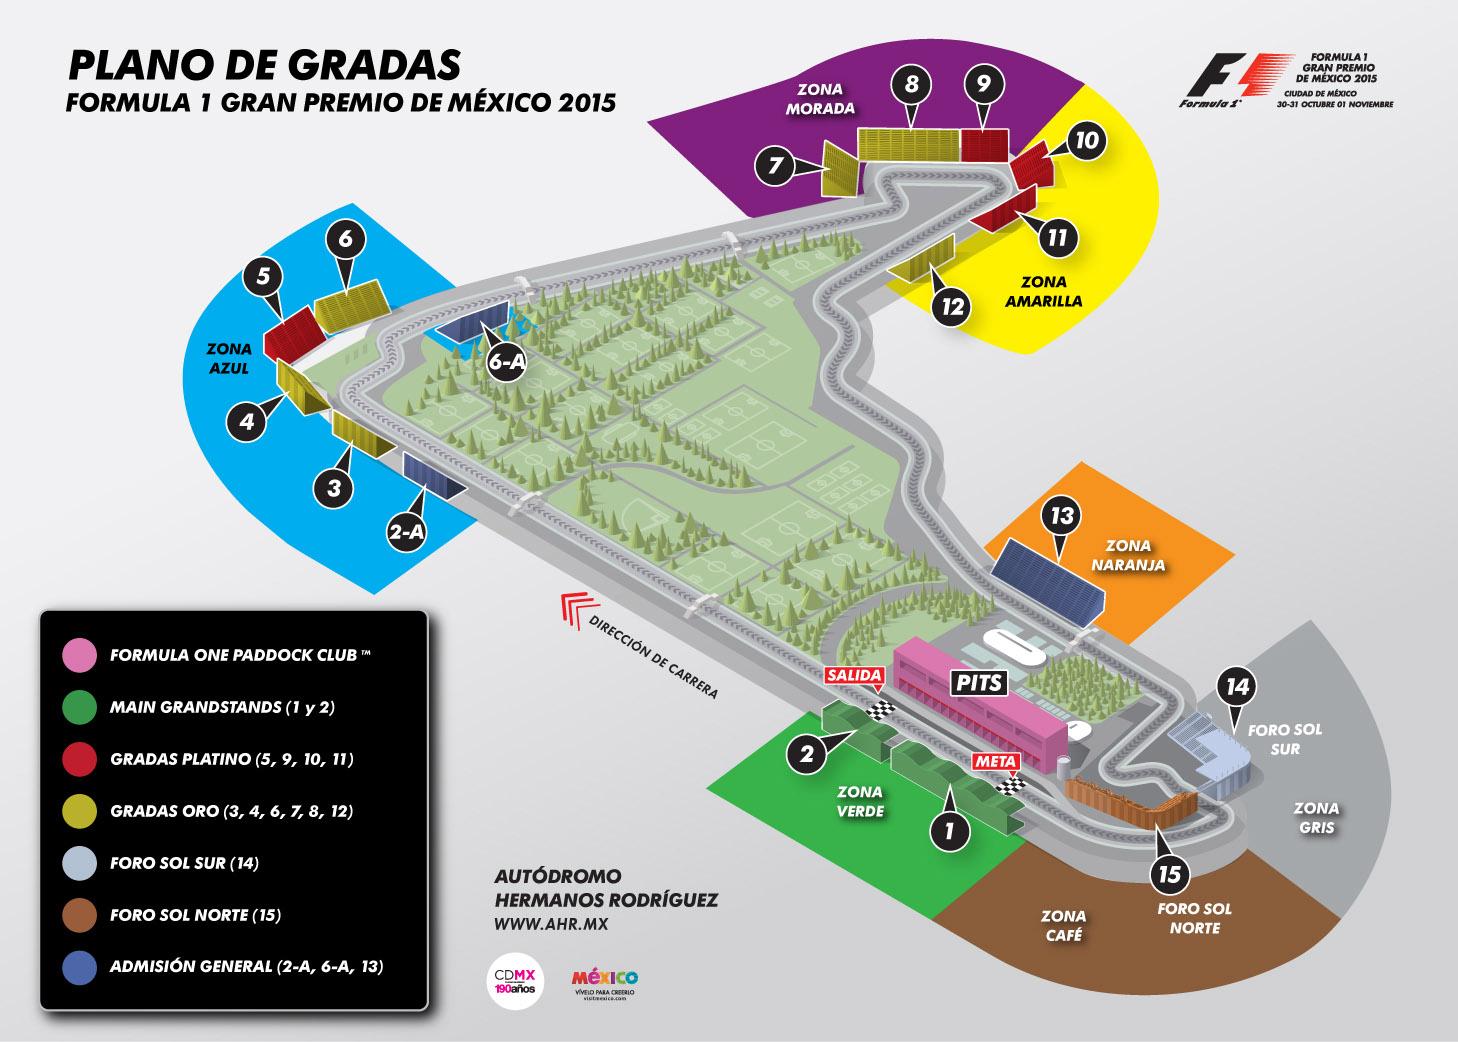 Inicia venta general al p blico del f rmula 1 en m xico for Puerta 2 autodromo hermanos rodriguez